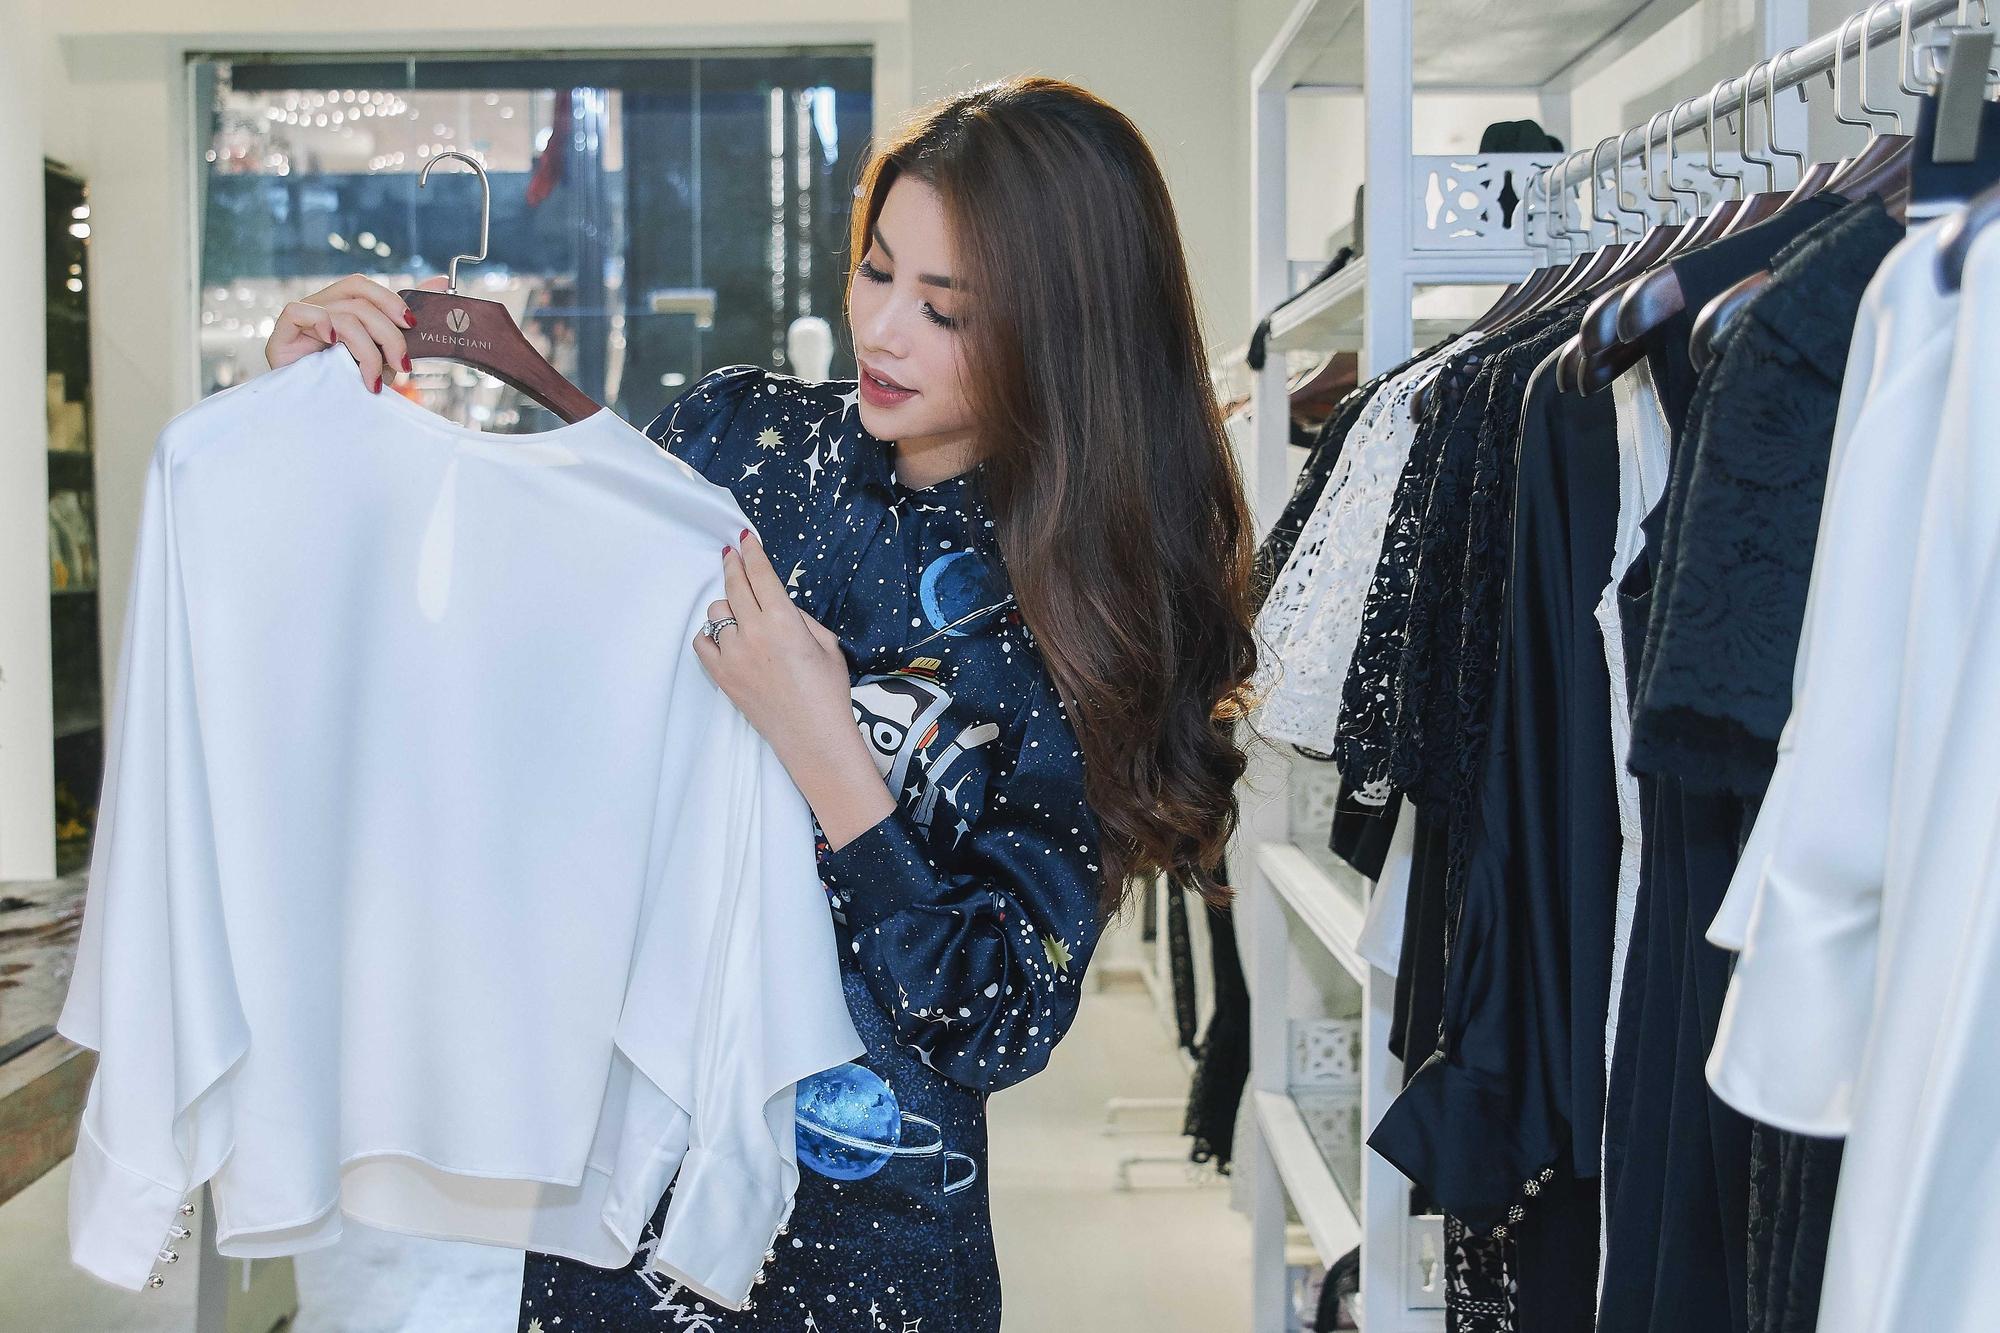 Kỳ Duyên ngày một ra dáng fashion icon, đọ sắc với Phạm Hương trong buổi thử đồ của NTK Adrian Anh Tuấn - Ảnh 2.